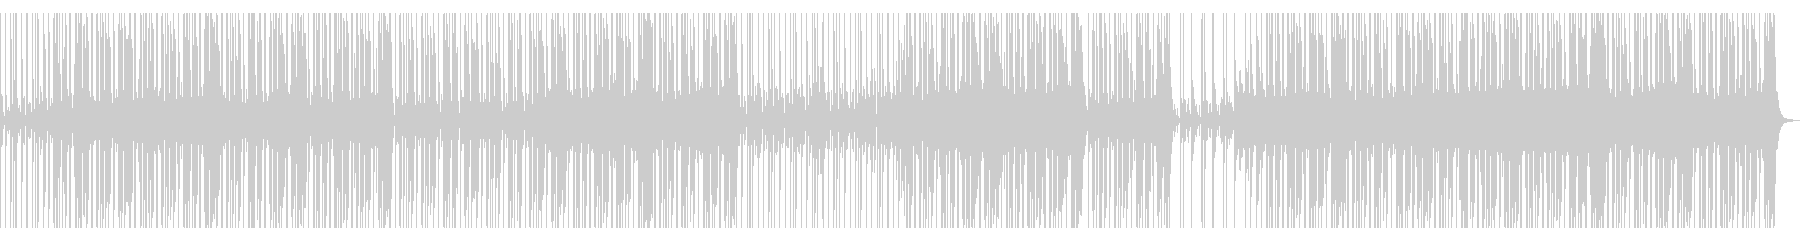 【オケのみ】スローファンクロックの未再生の波形